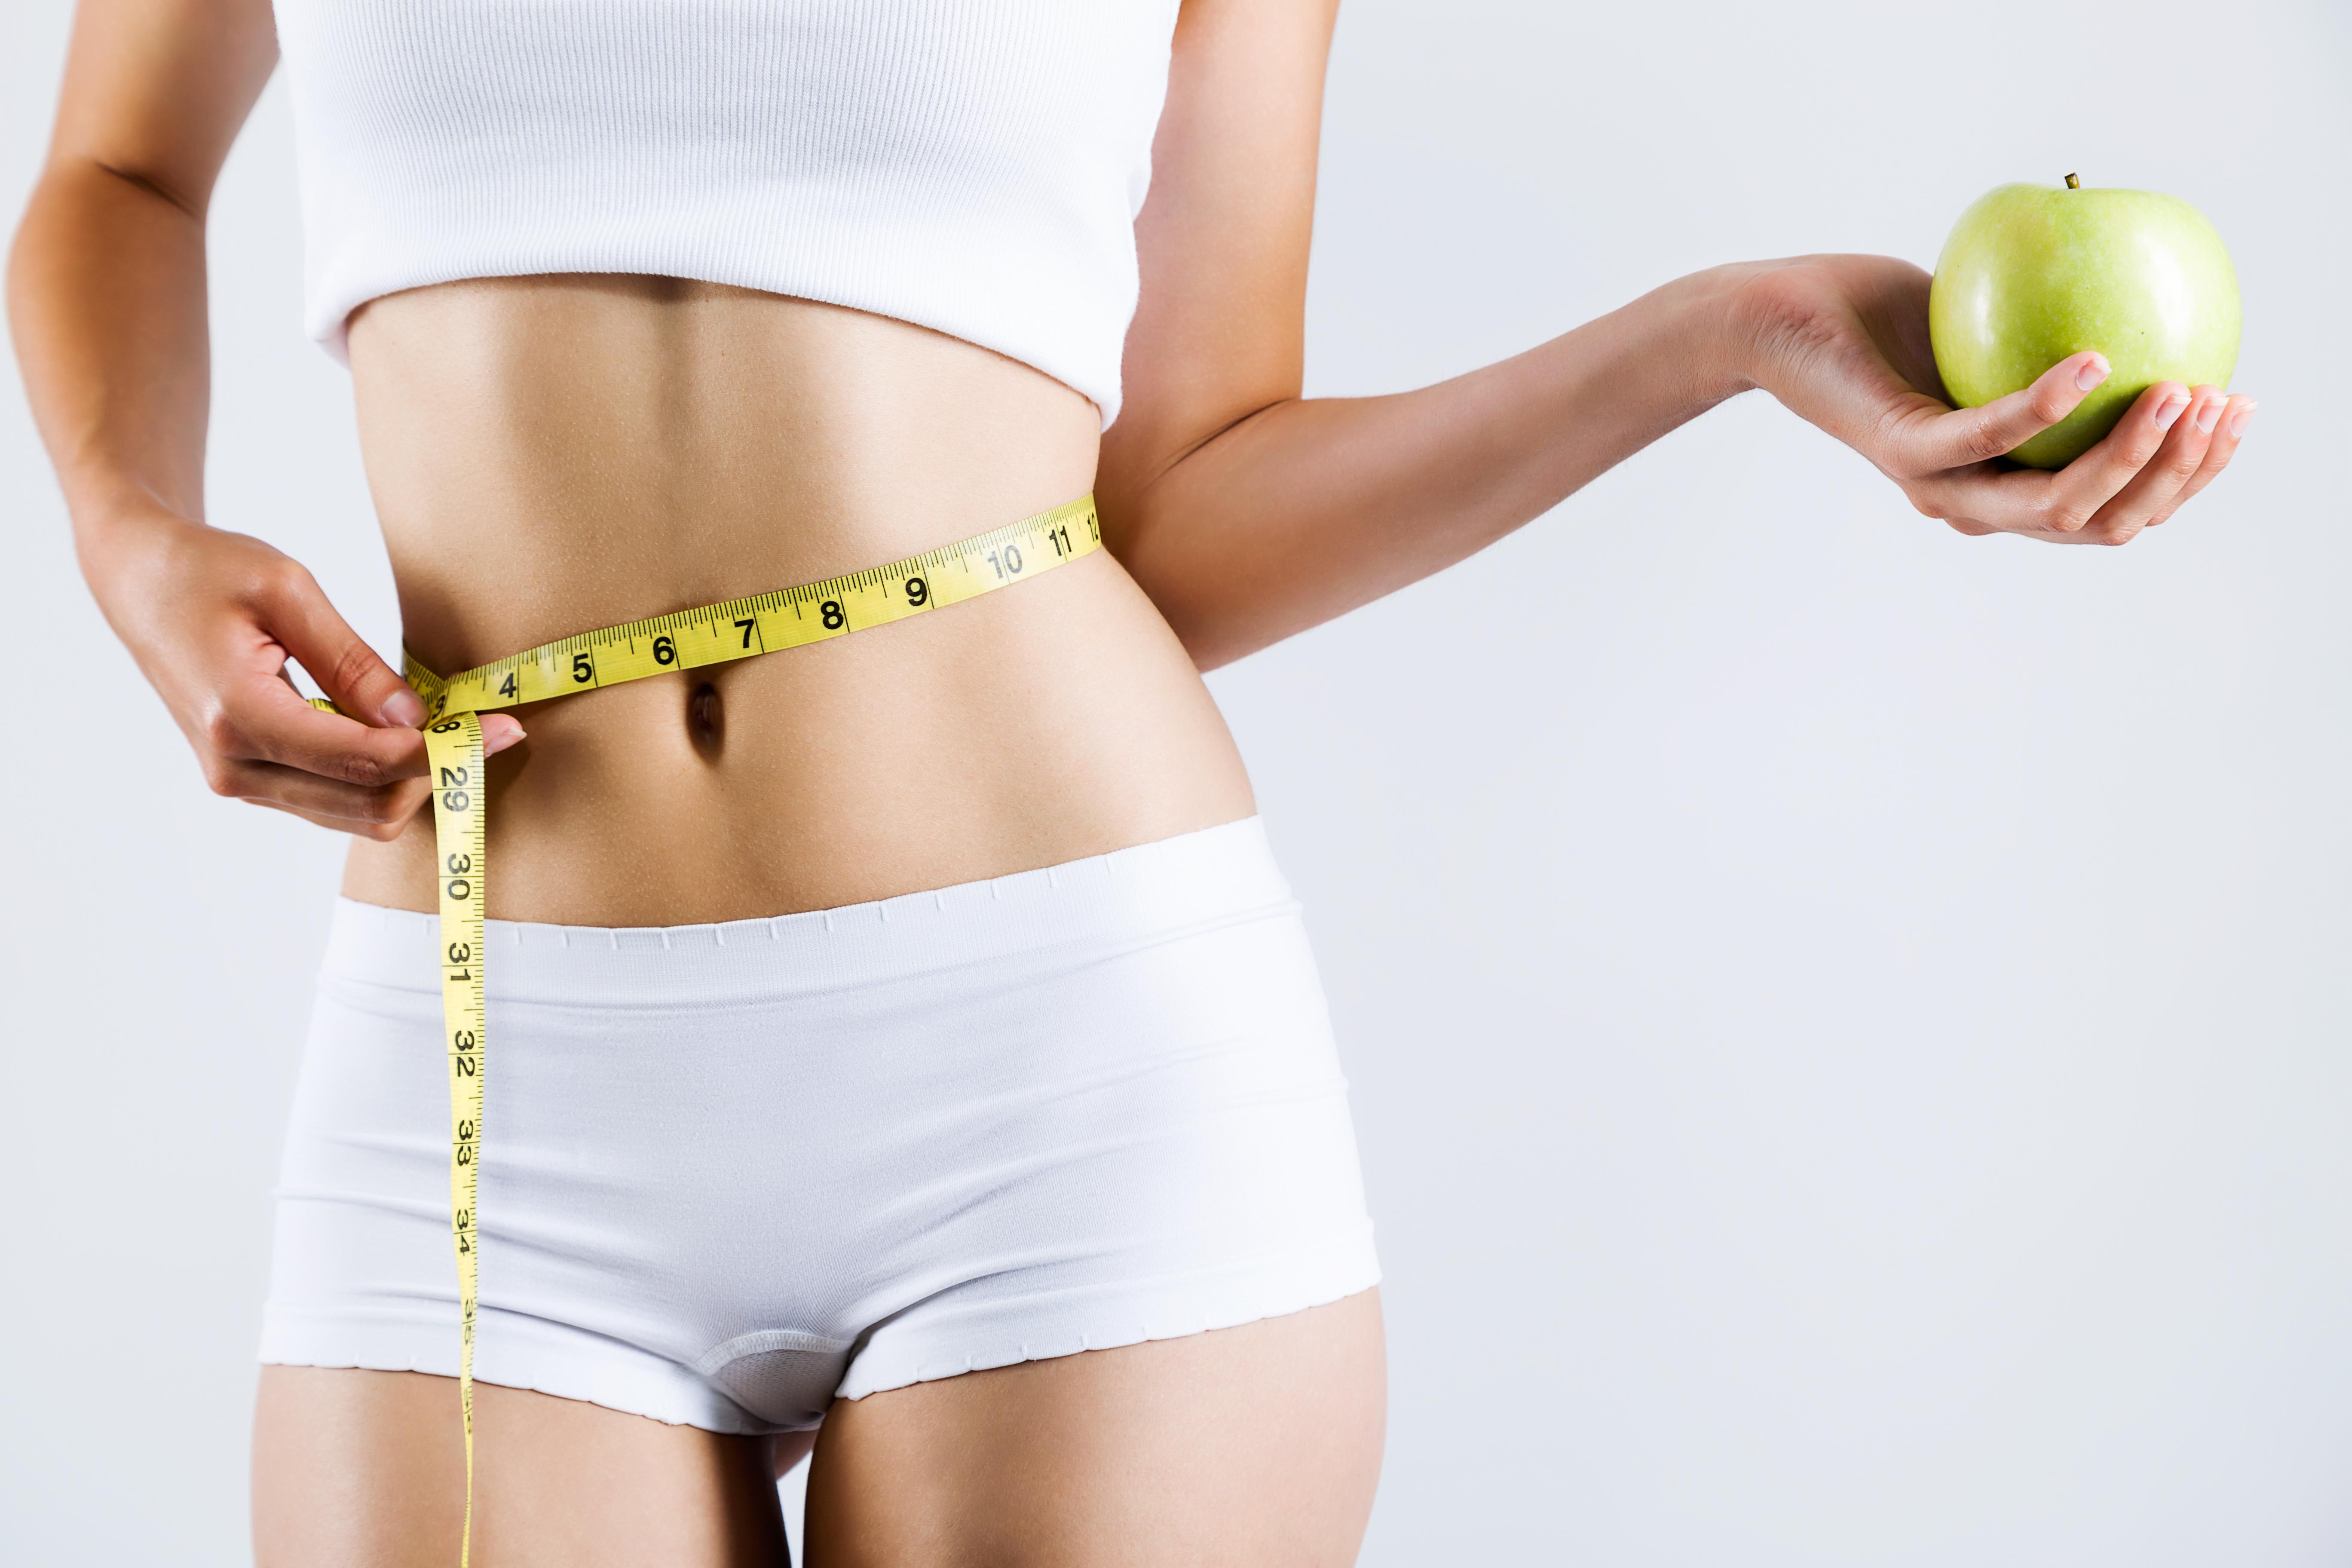 Slabire 70 kg pana la 60 kg. Cum slăbești 30 kg fără dietă, regim și ceaiuri magice